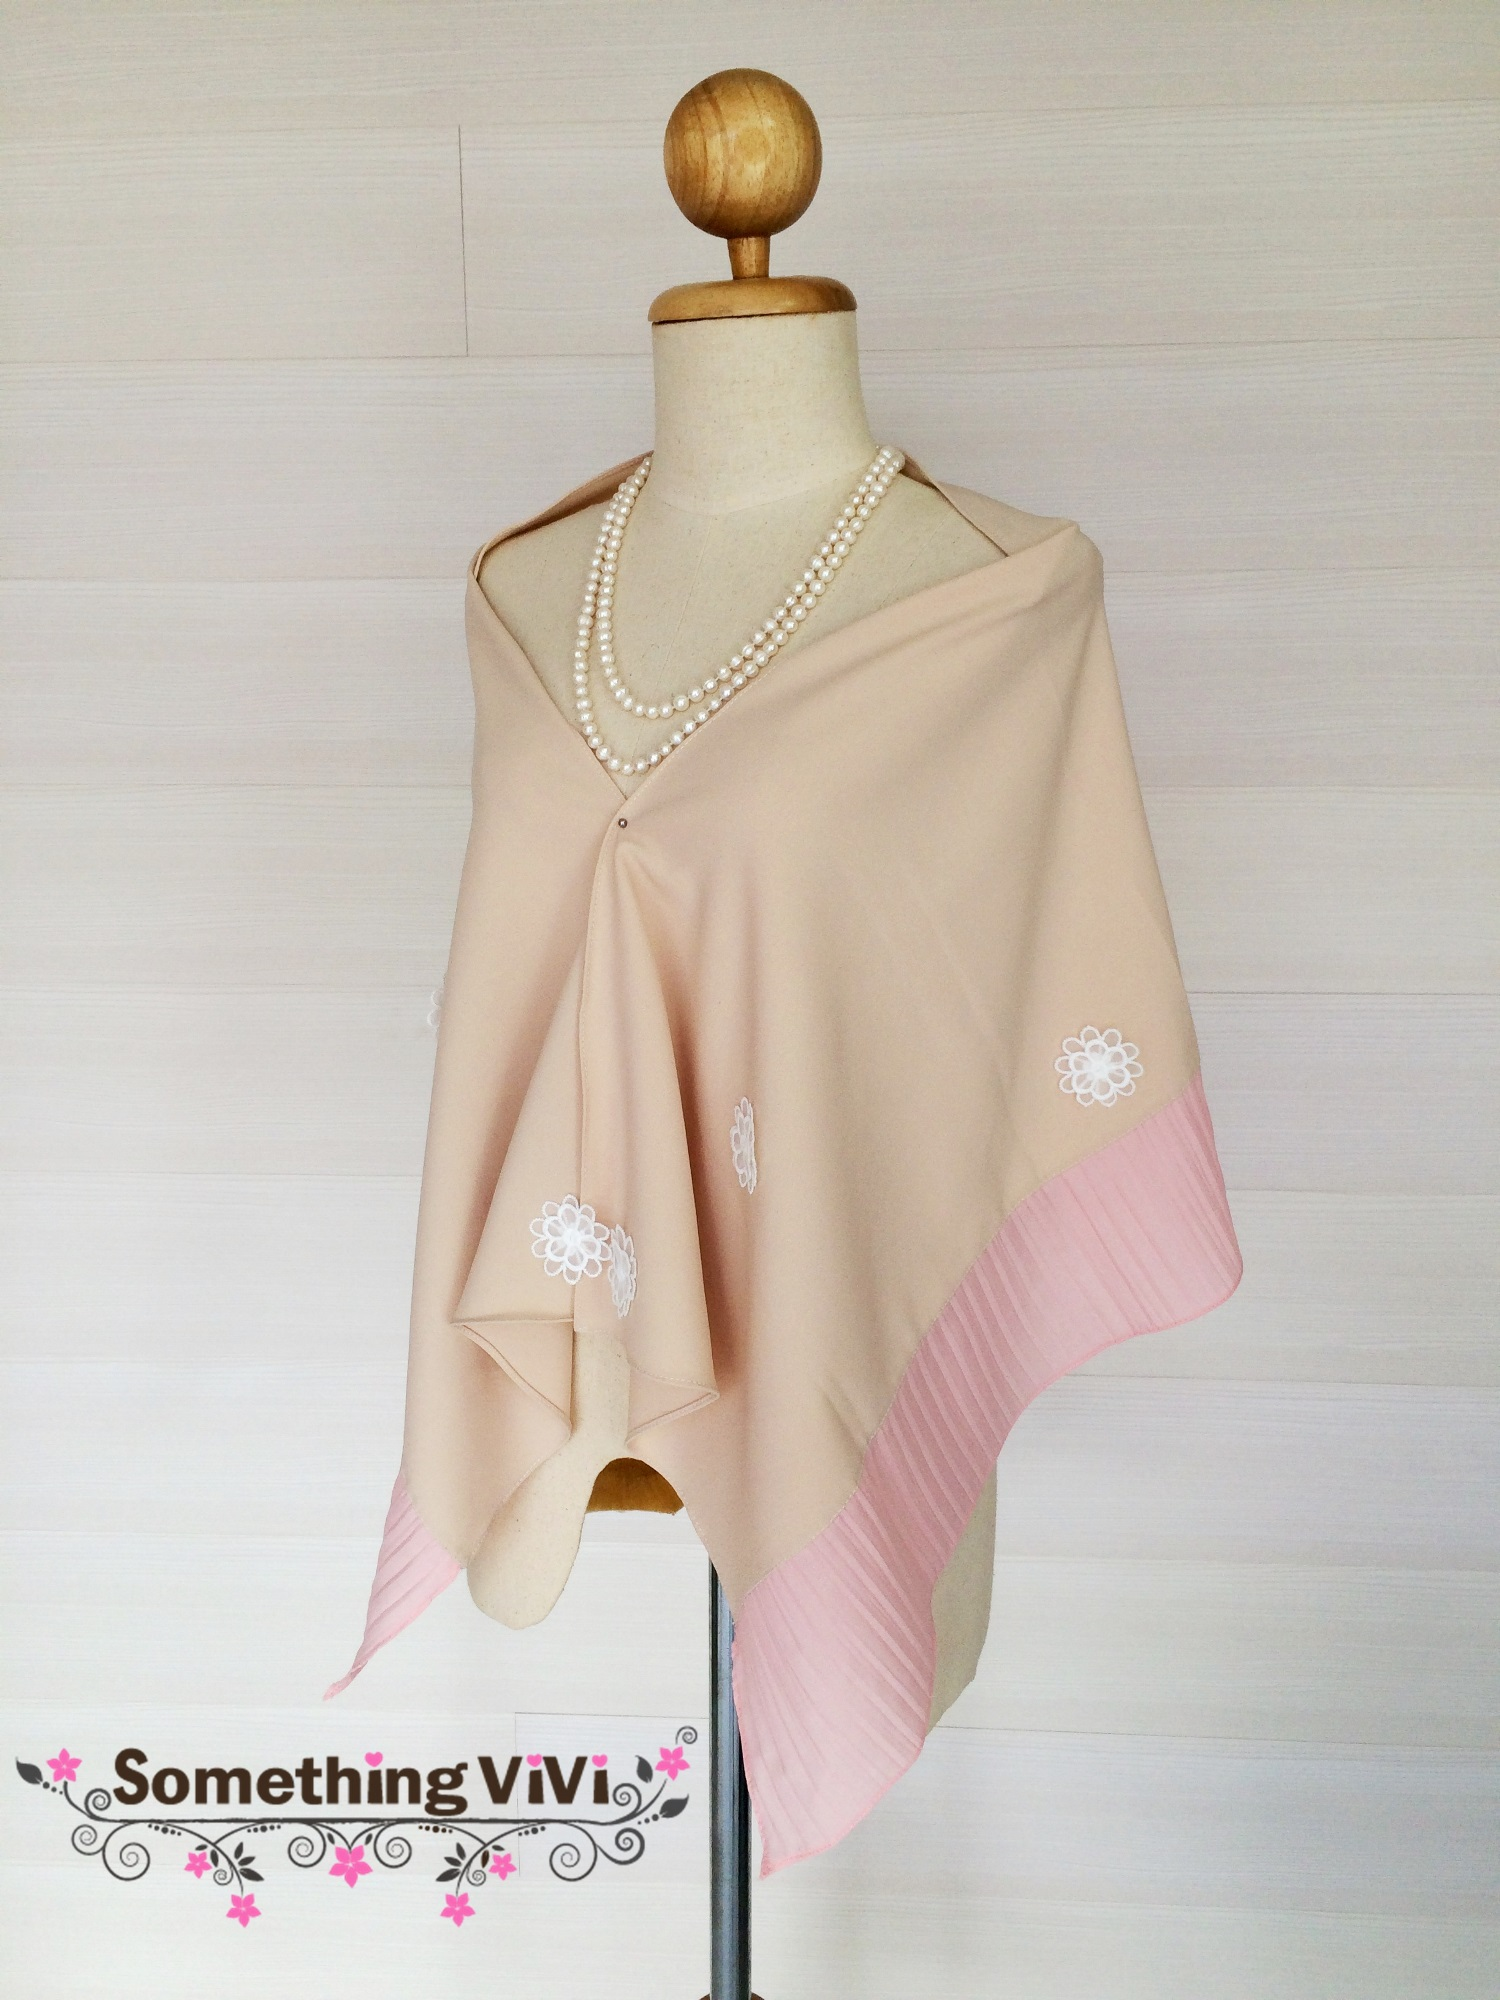 ผ้าพันคอ/ผ้าคลุมไหล่ รุ่น Jasmine Melony สี Porcelain Pink เป็นผ้ามอสเครปสวยหรูประดับด้วยดอกมะลิ เป็นของขวัญของฝาก ให้ผืนนี้เป็นตัวเลือกในใจคุณอีกแบบนะคะ งานพรีเมี่ยมสุดๆ ค่ะ พร้อมกล่อง/ซองแพคเกจอย่างดี ของขวัญ/ของฝาก